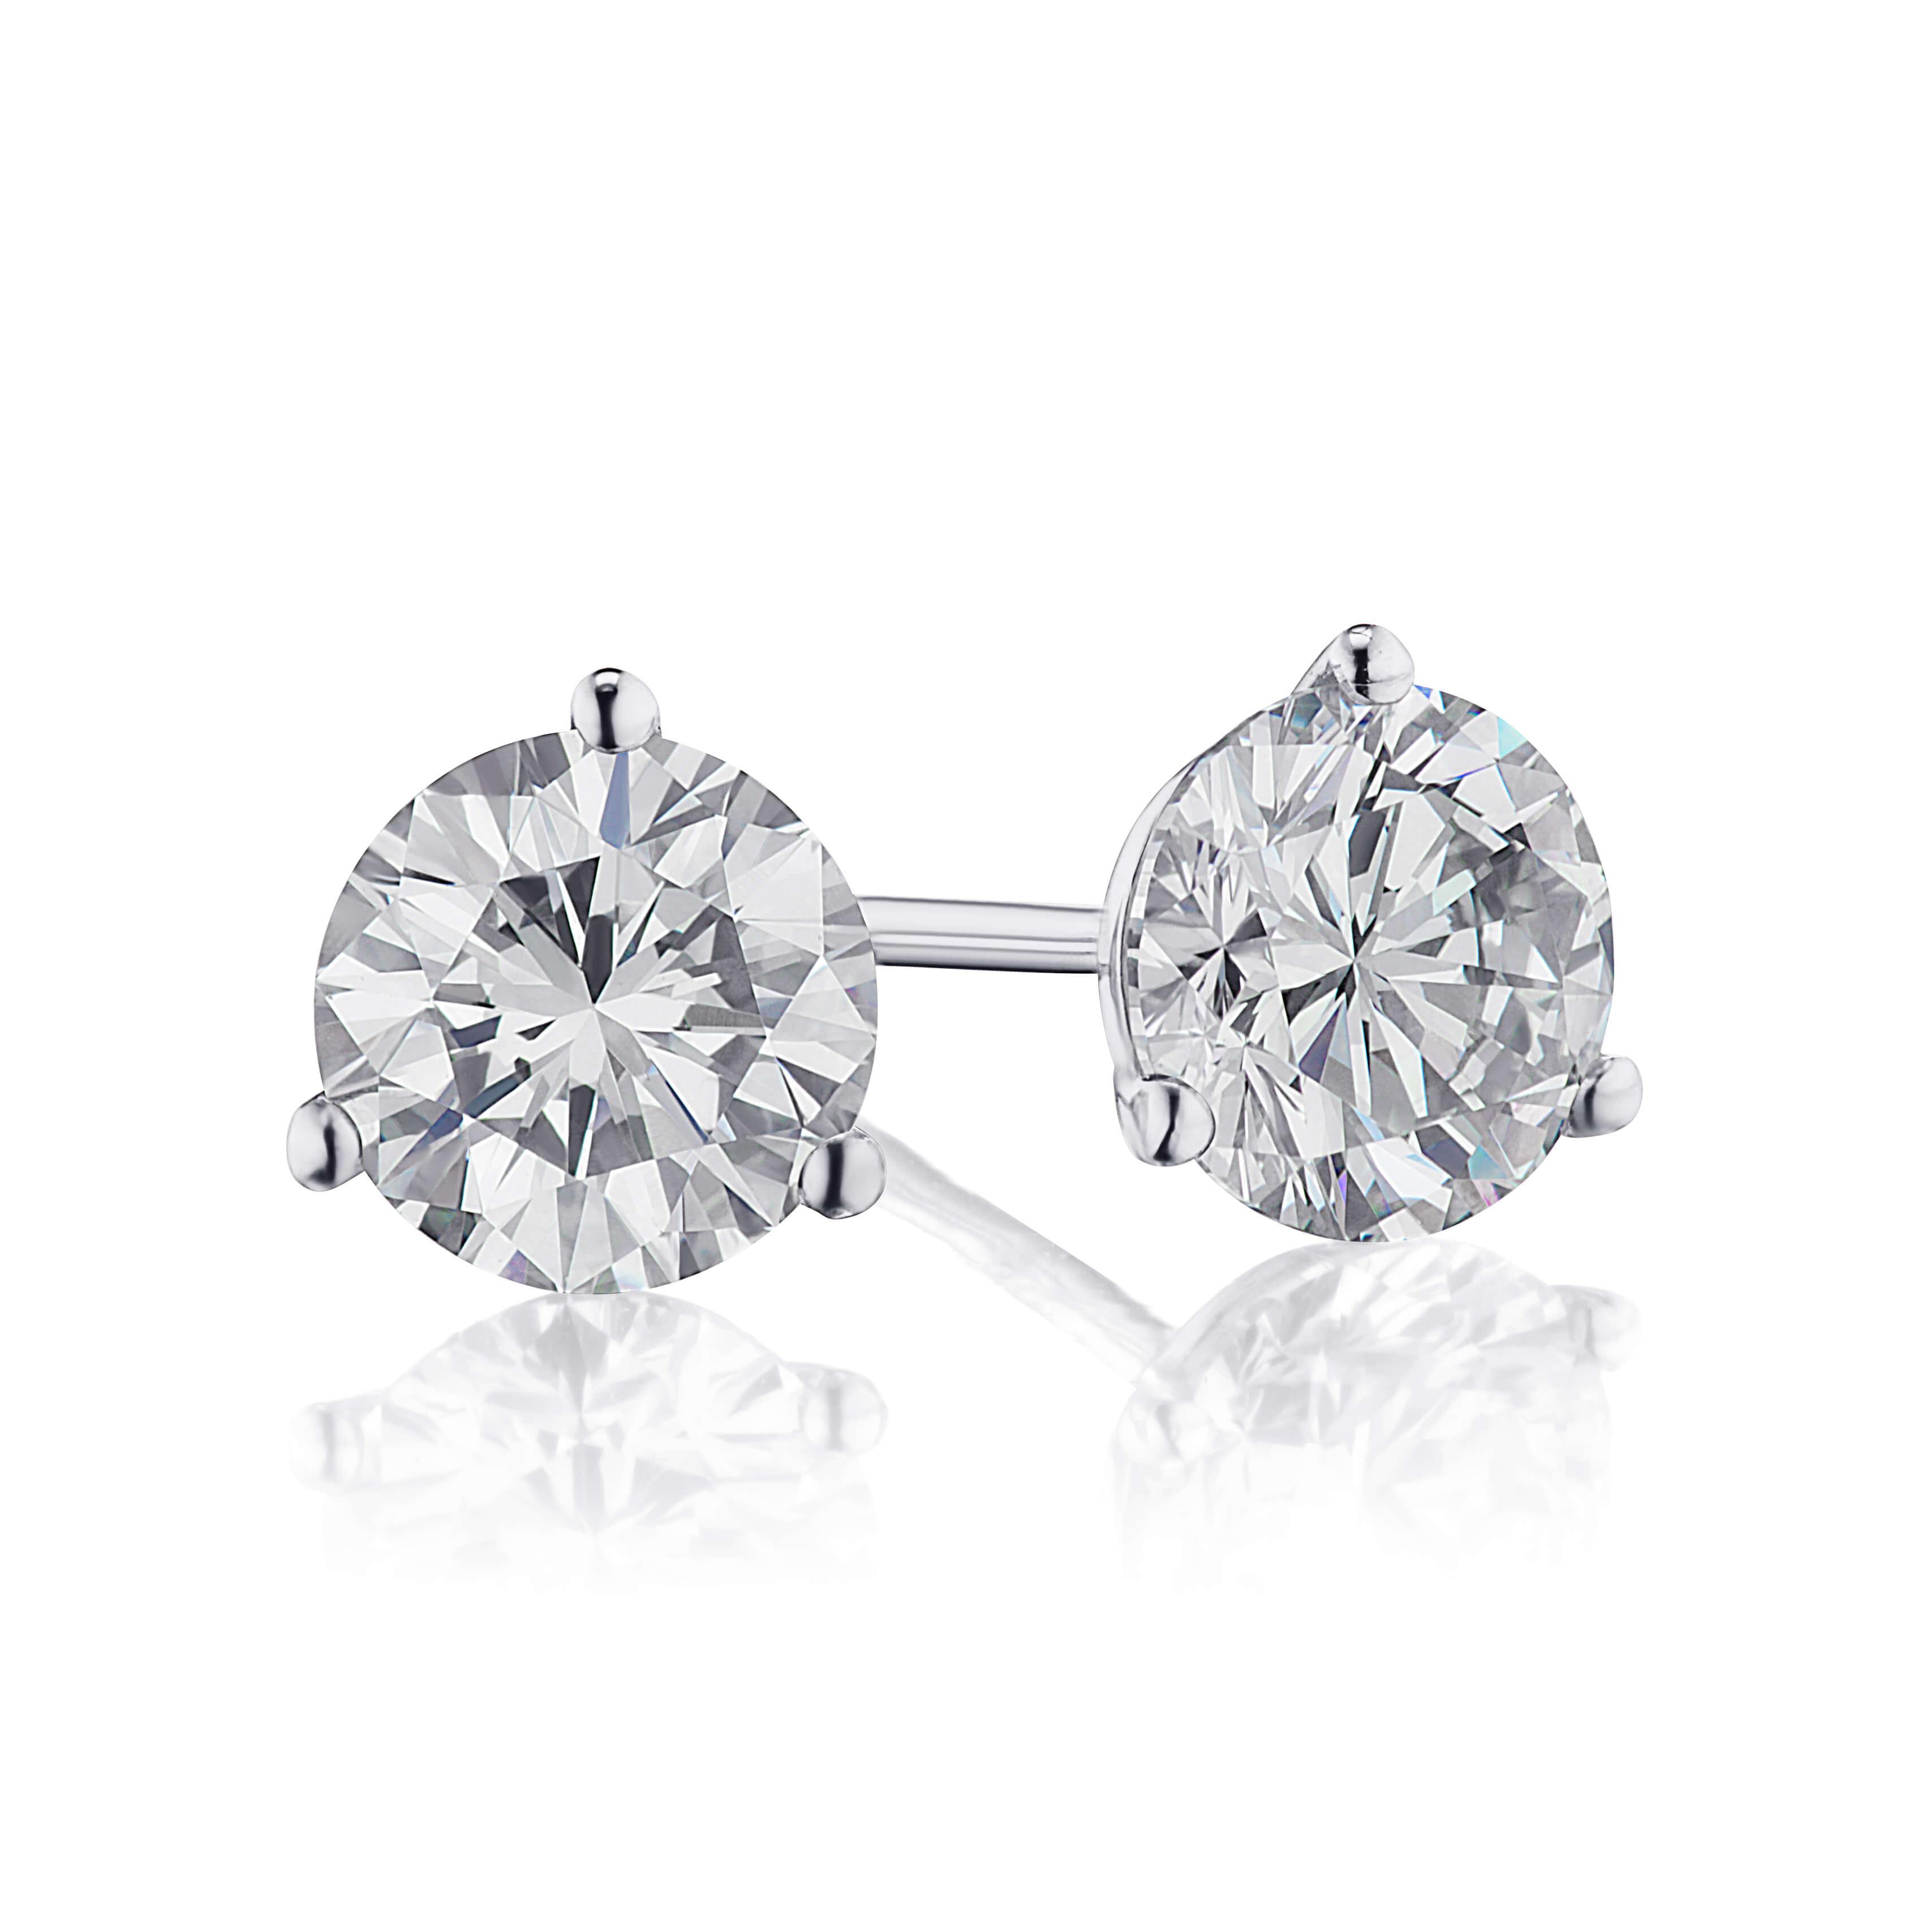 1.42ct. Diamond Stud Earrings